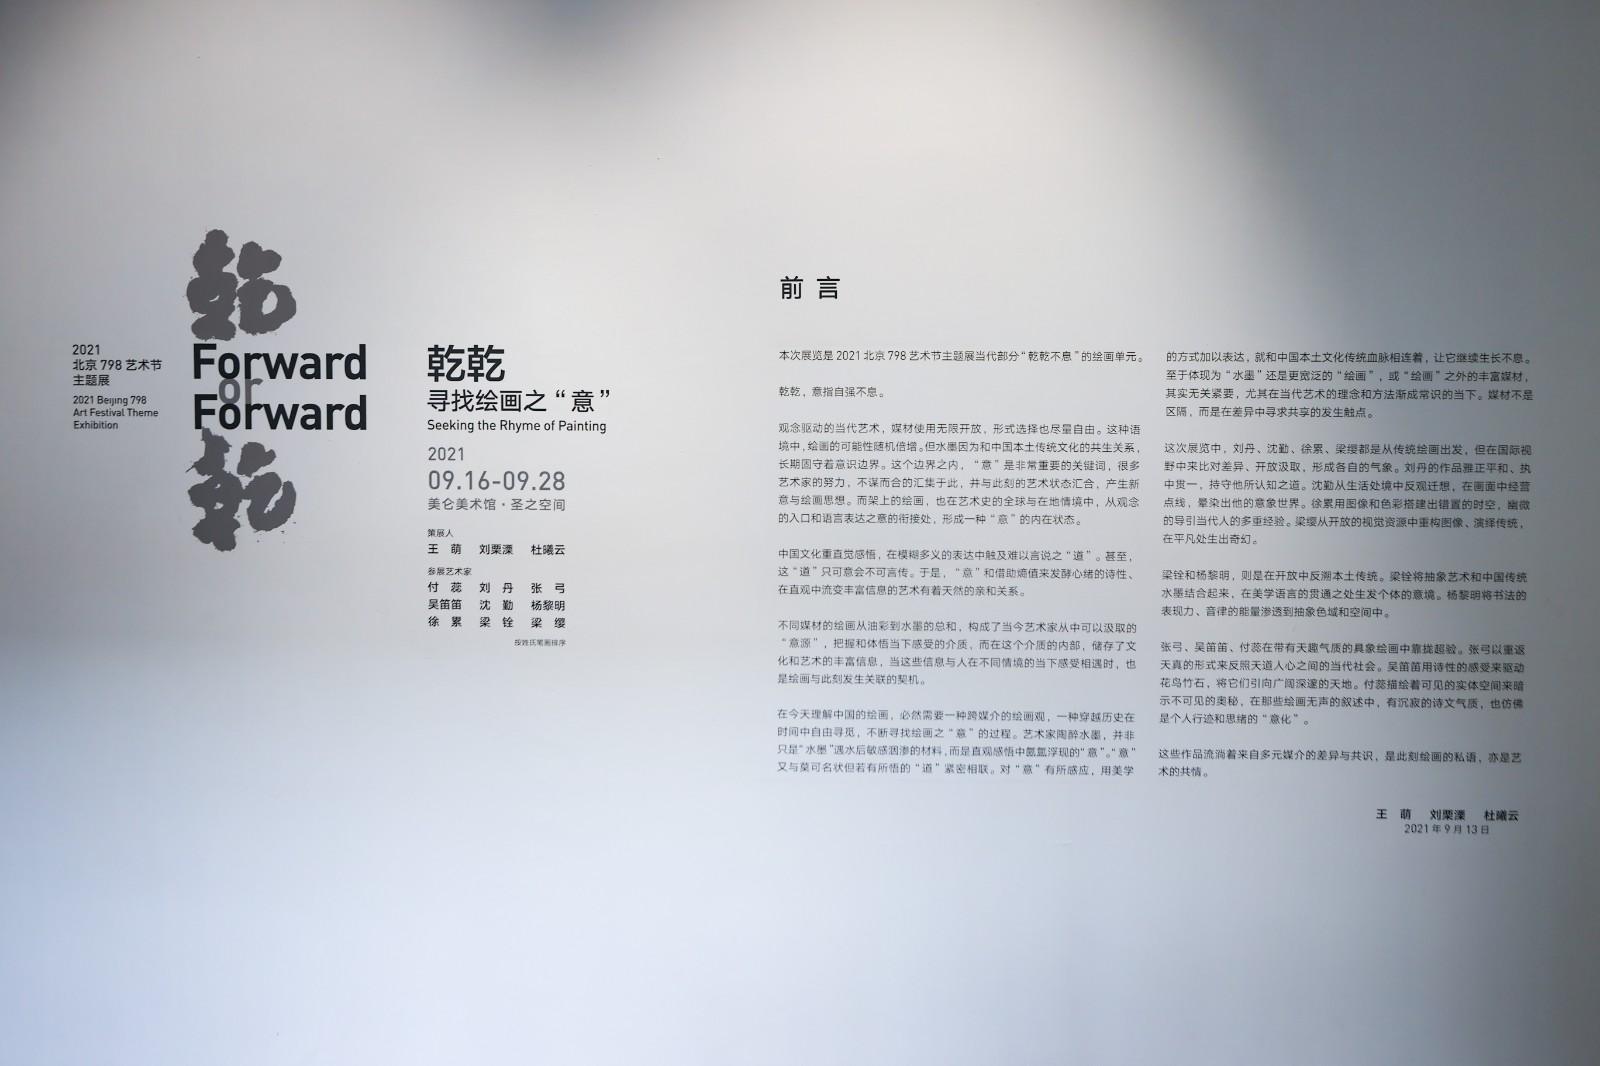 展览前言墙.jpg